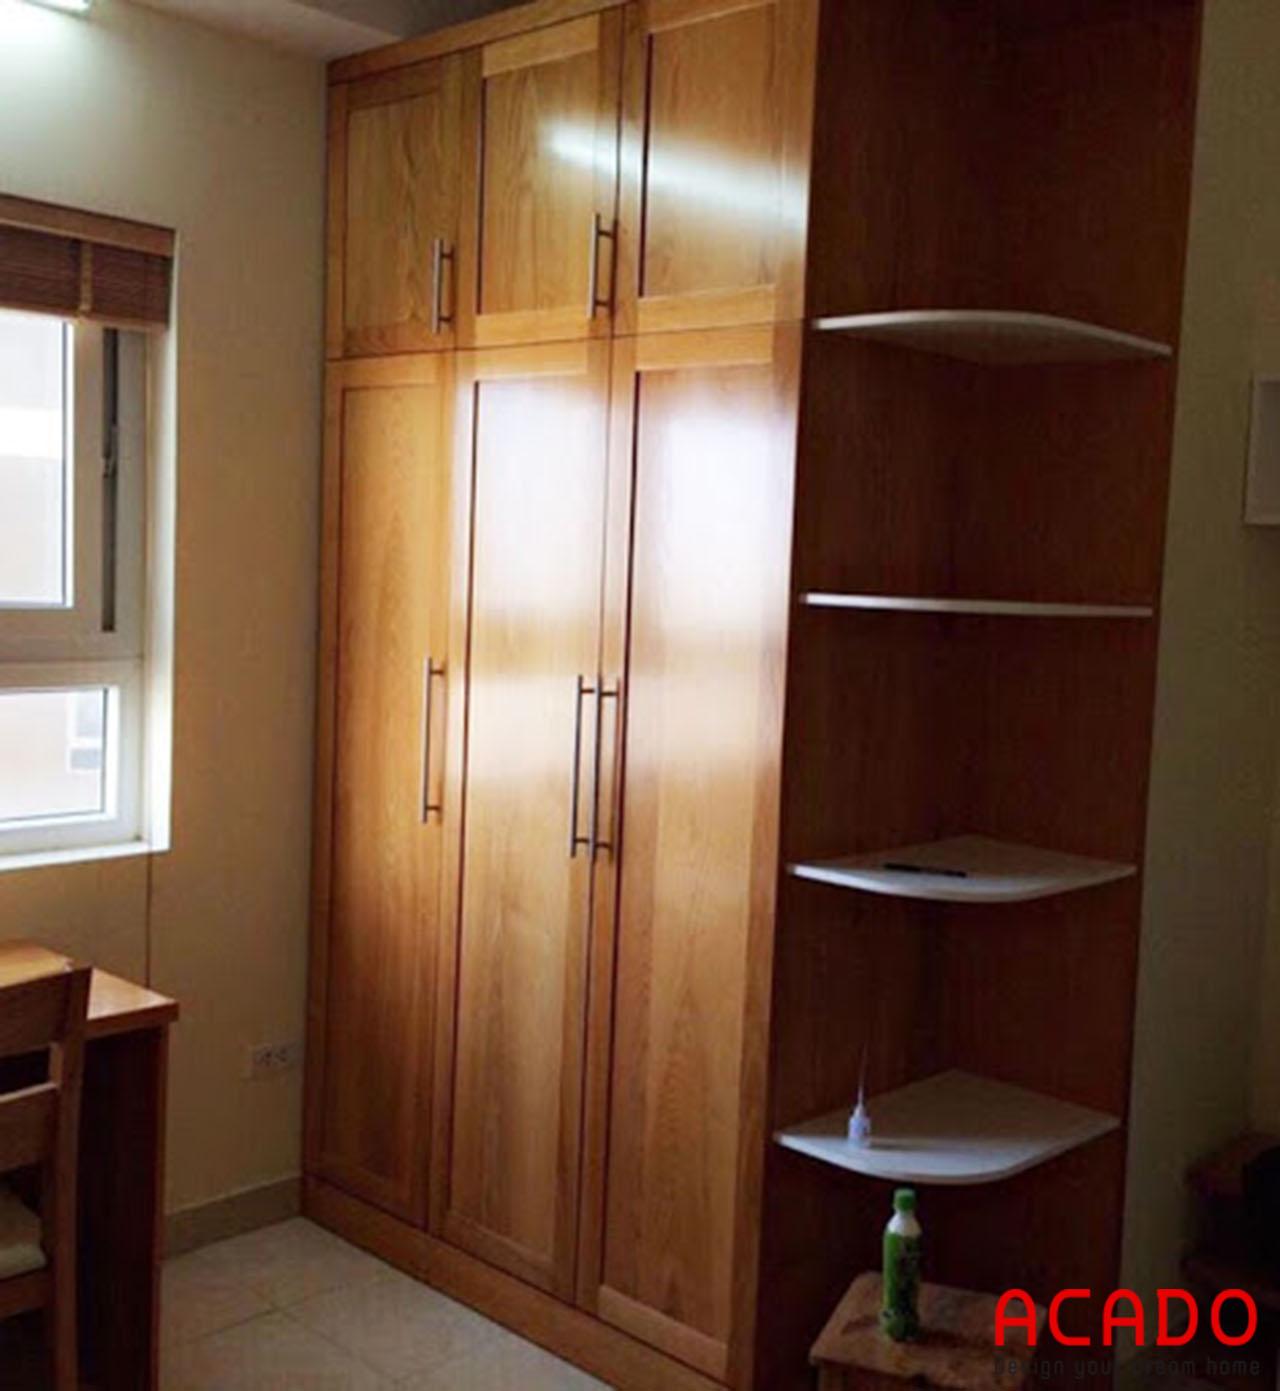 Tủ quần áo sồi Nga gỗ tự nhiên chắc chắn, bền đẹp được ưa chuộng trên thị trường